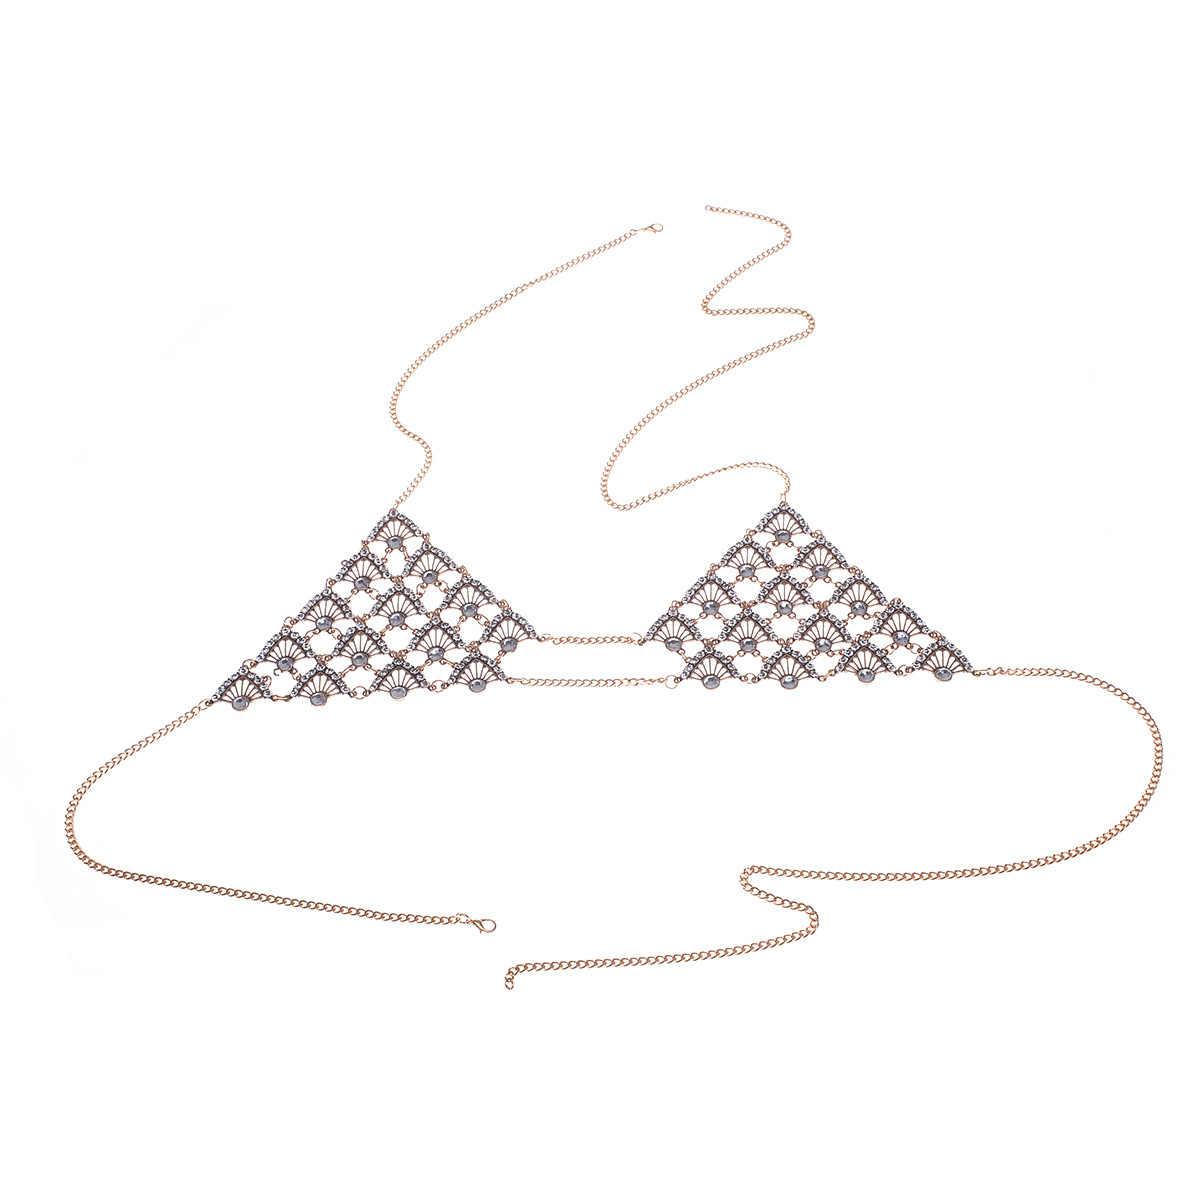 Unique Bikini soutien-gorge corps chaîne Boho argent métal Triangle soutien-gorge poitrine corps chaîne collier plage bijoux cadeau pour filles Sexy VKAC1009